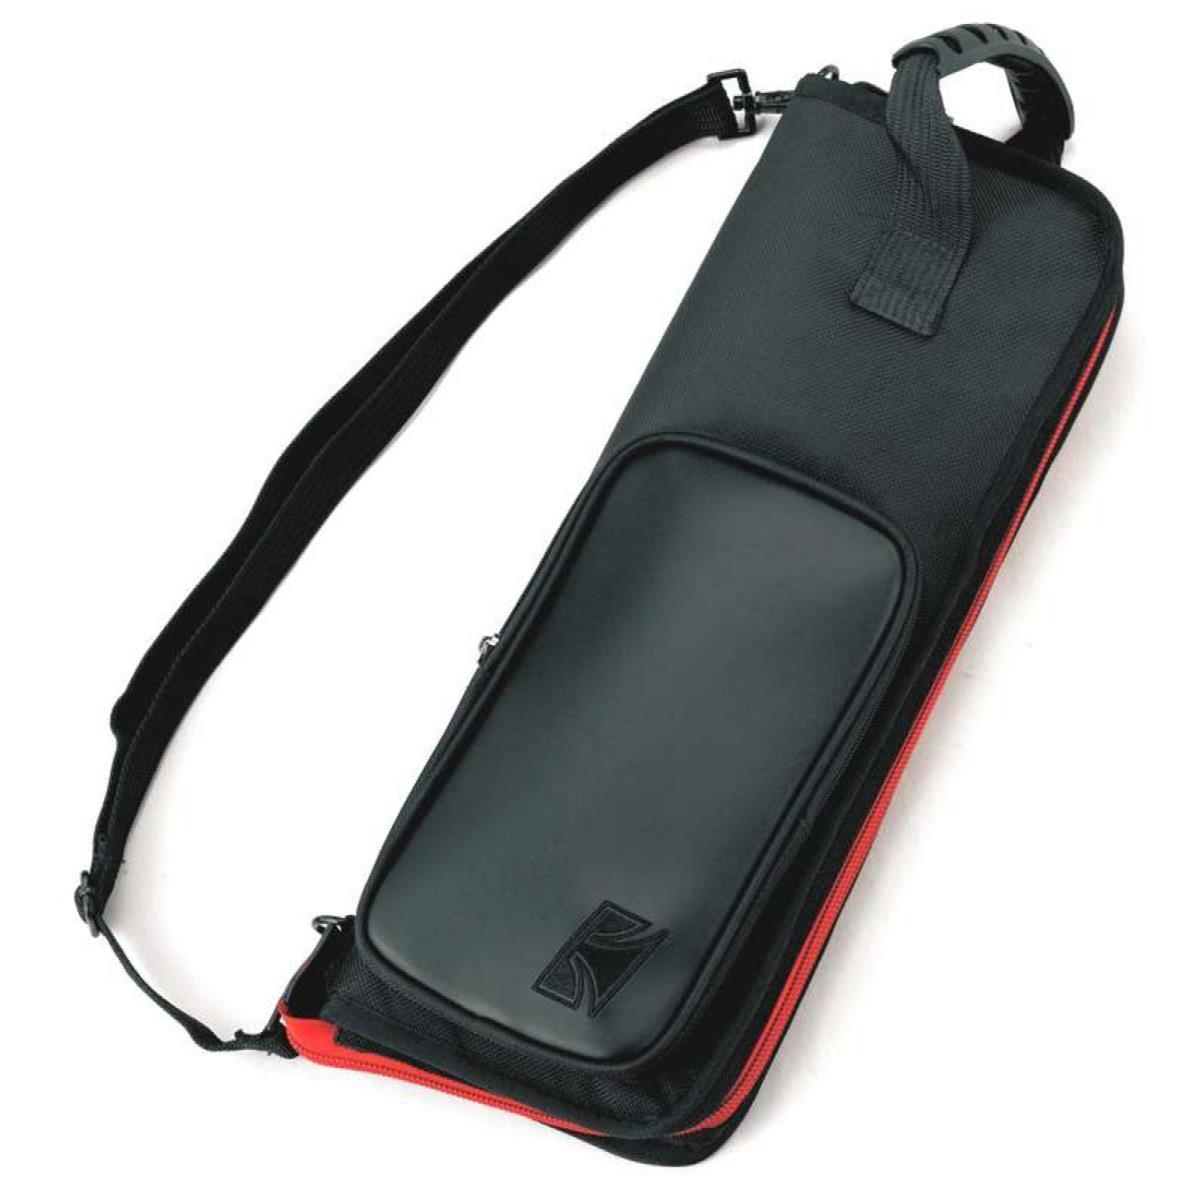 Tama PBS24 - borsa portabacchette Power Pad - Batterie / Percussioni Accessori - Custodie Per Batteria